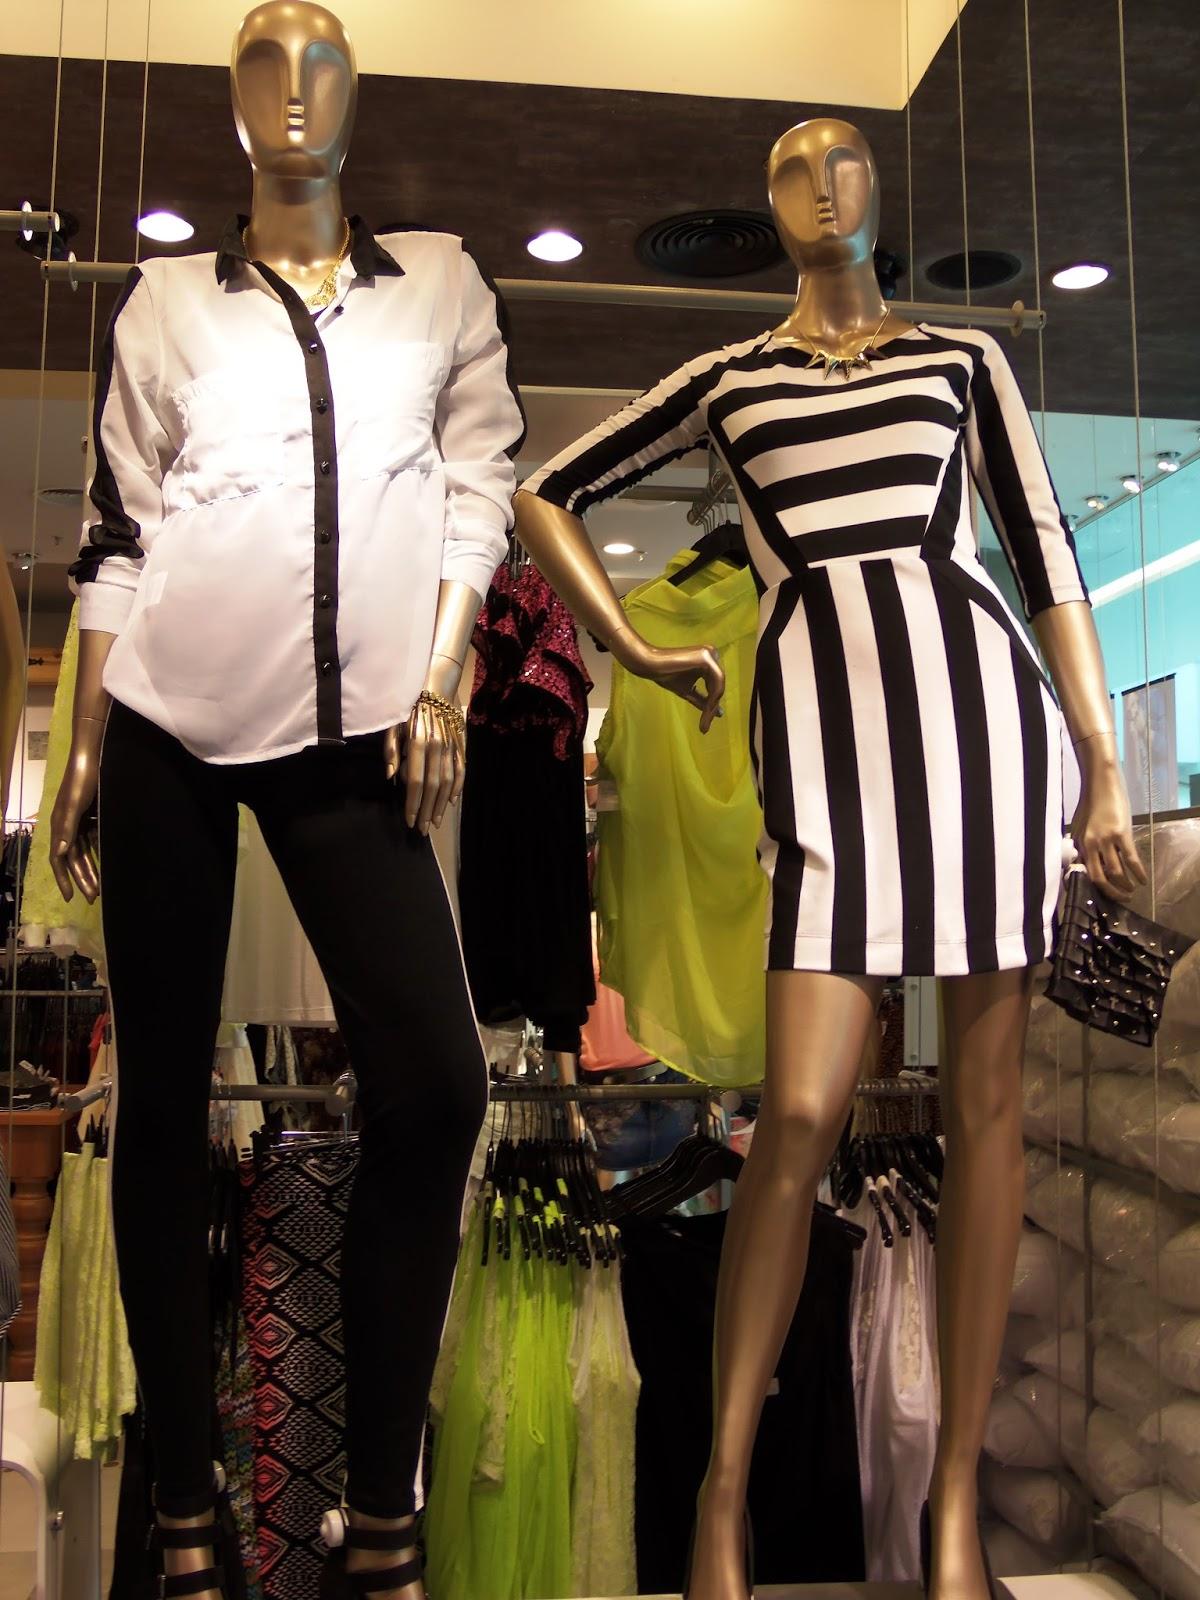 Olá Girls, Estive na Riachuelo do Bela Vista essa semana e a vitrine estar recheada de coisa bonitas e cheias de tendencia. Faz um tempinho que não compro nada na loja, pois acho que estar deixando muito a desejar, comparando com outras lojas do mesmo seguimento. Mas comigo não tem essa! se eu entrar e a roupa estiver linda eu compro, seja a loja que for. Estava assistindo um programa de moda e vi o estilista da Cavalera dizer que comprou uma calça de 89,90 no Extra e ficou super bem nele.Pense? Que tudo só em em ter a sinceridade de falar isso. Uma boa roupa de marca é tudo. Fato! mas conseguimos se vestir bem também em outras lojas e encontramos roupas lindas, de qualidade e com preço justo.